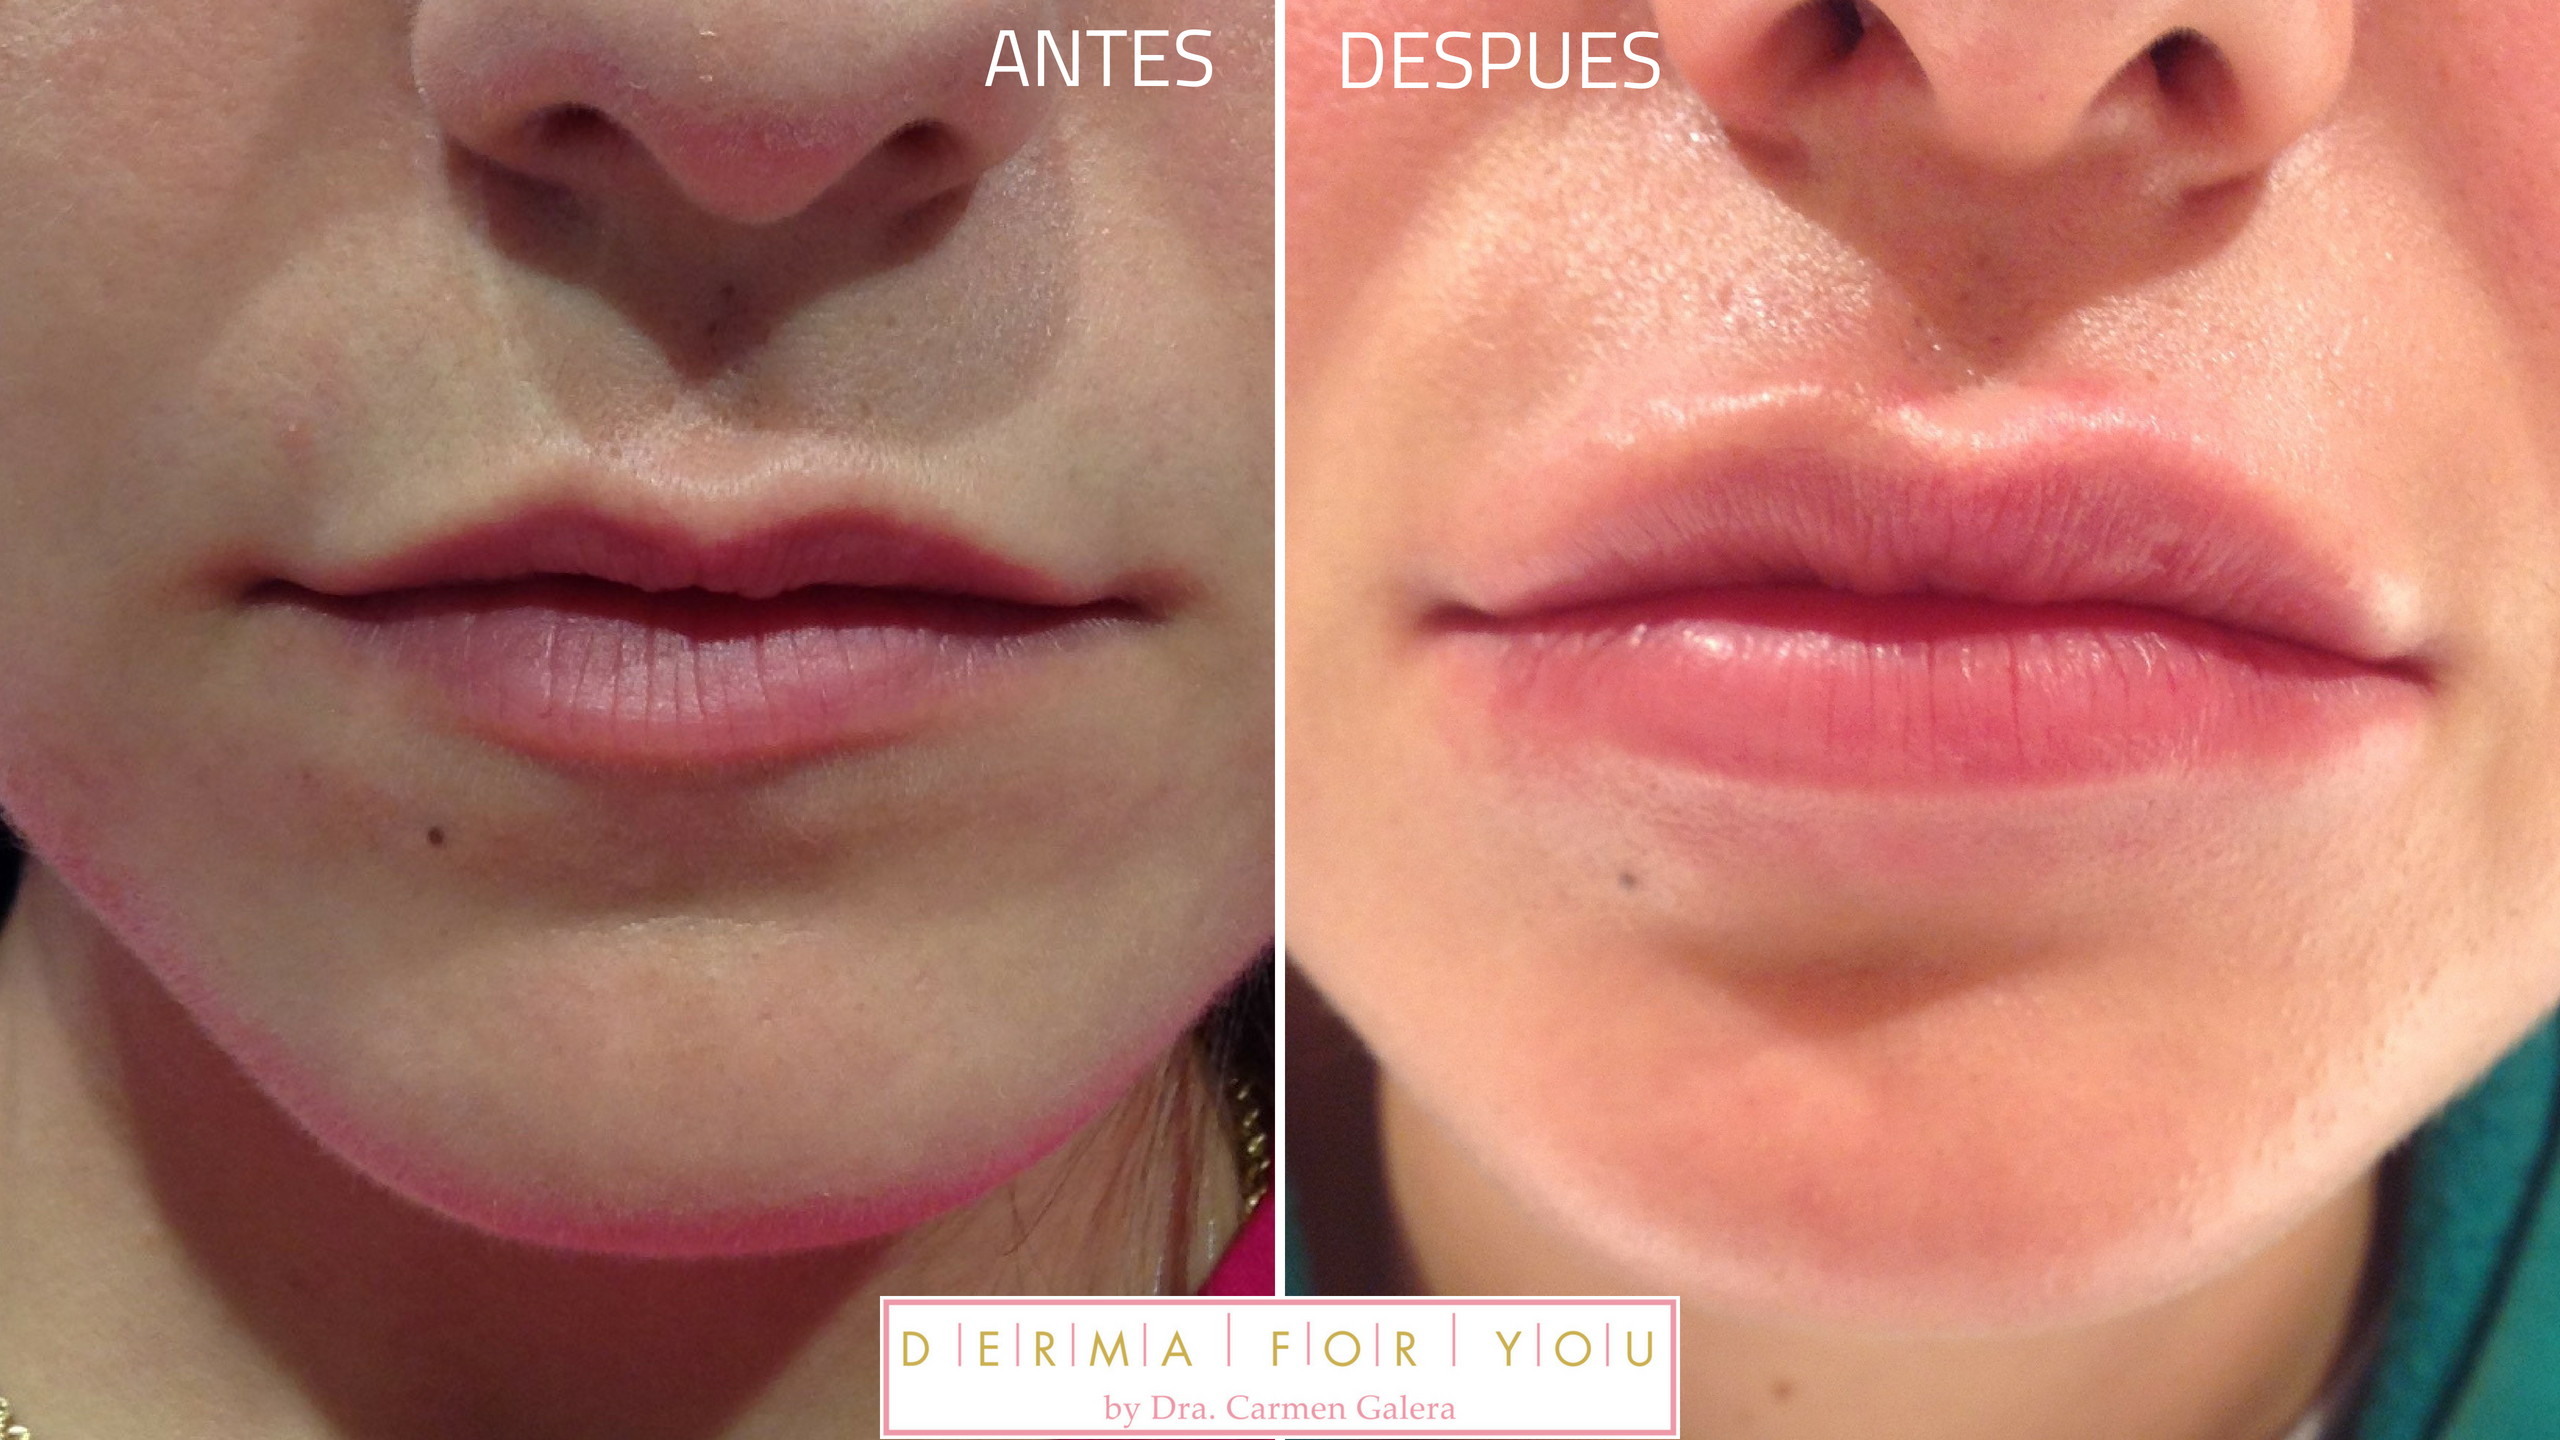 antes y despues de Relleno de labios con acido hialuronico